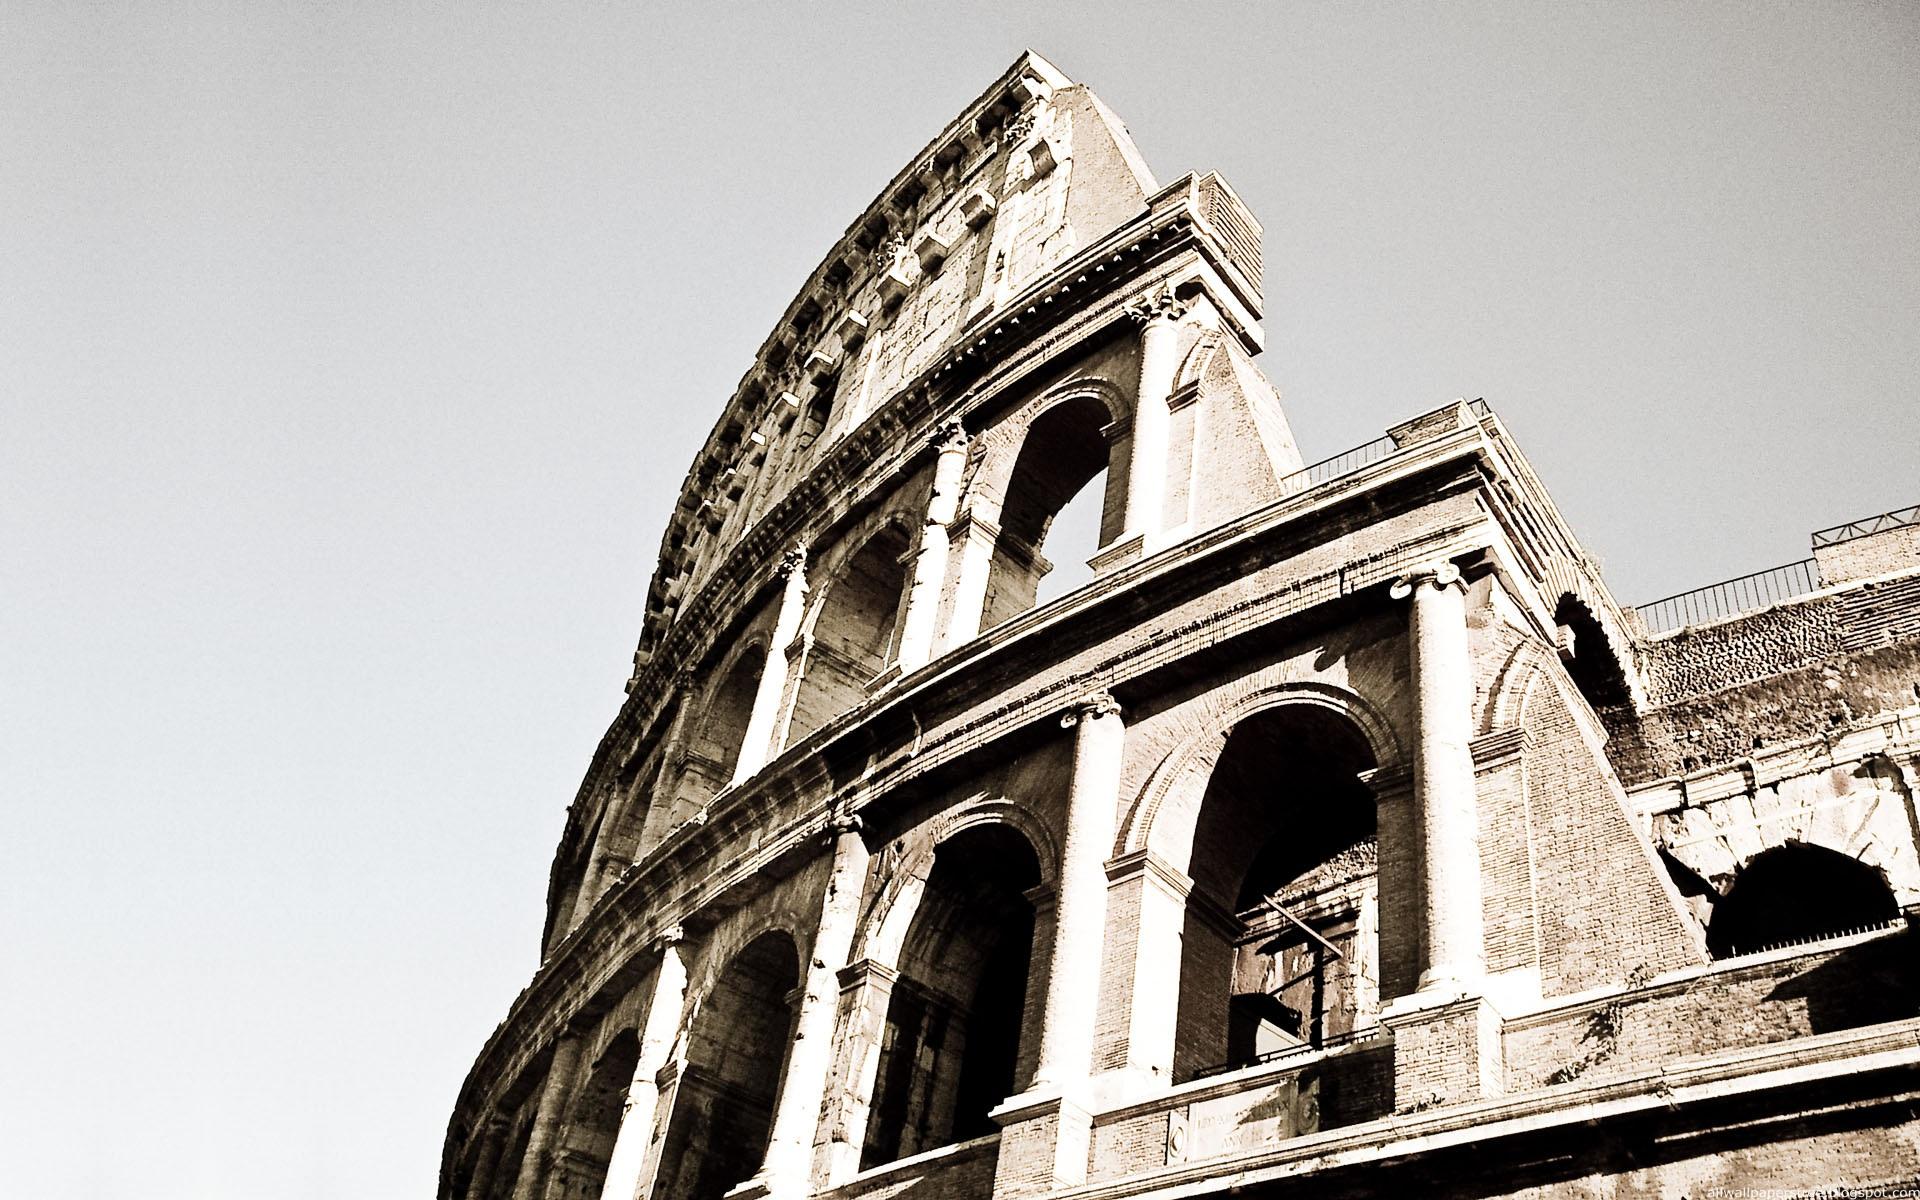 Coliseo Wallpaper